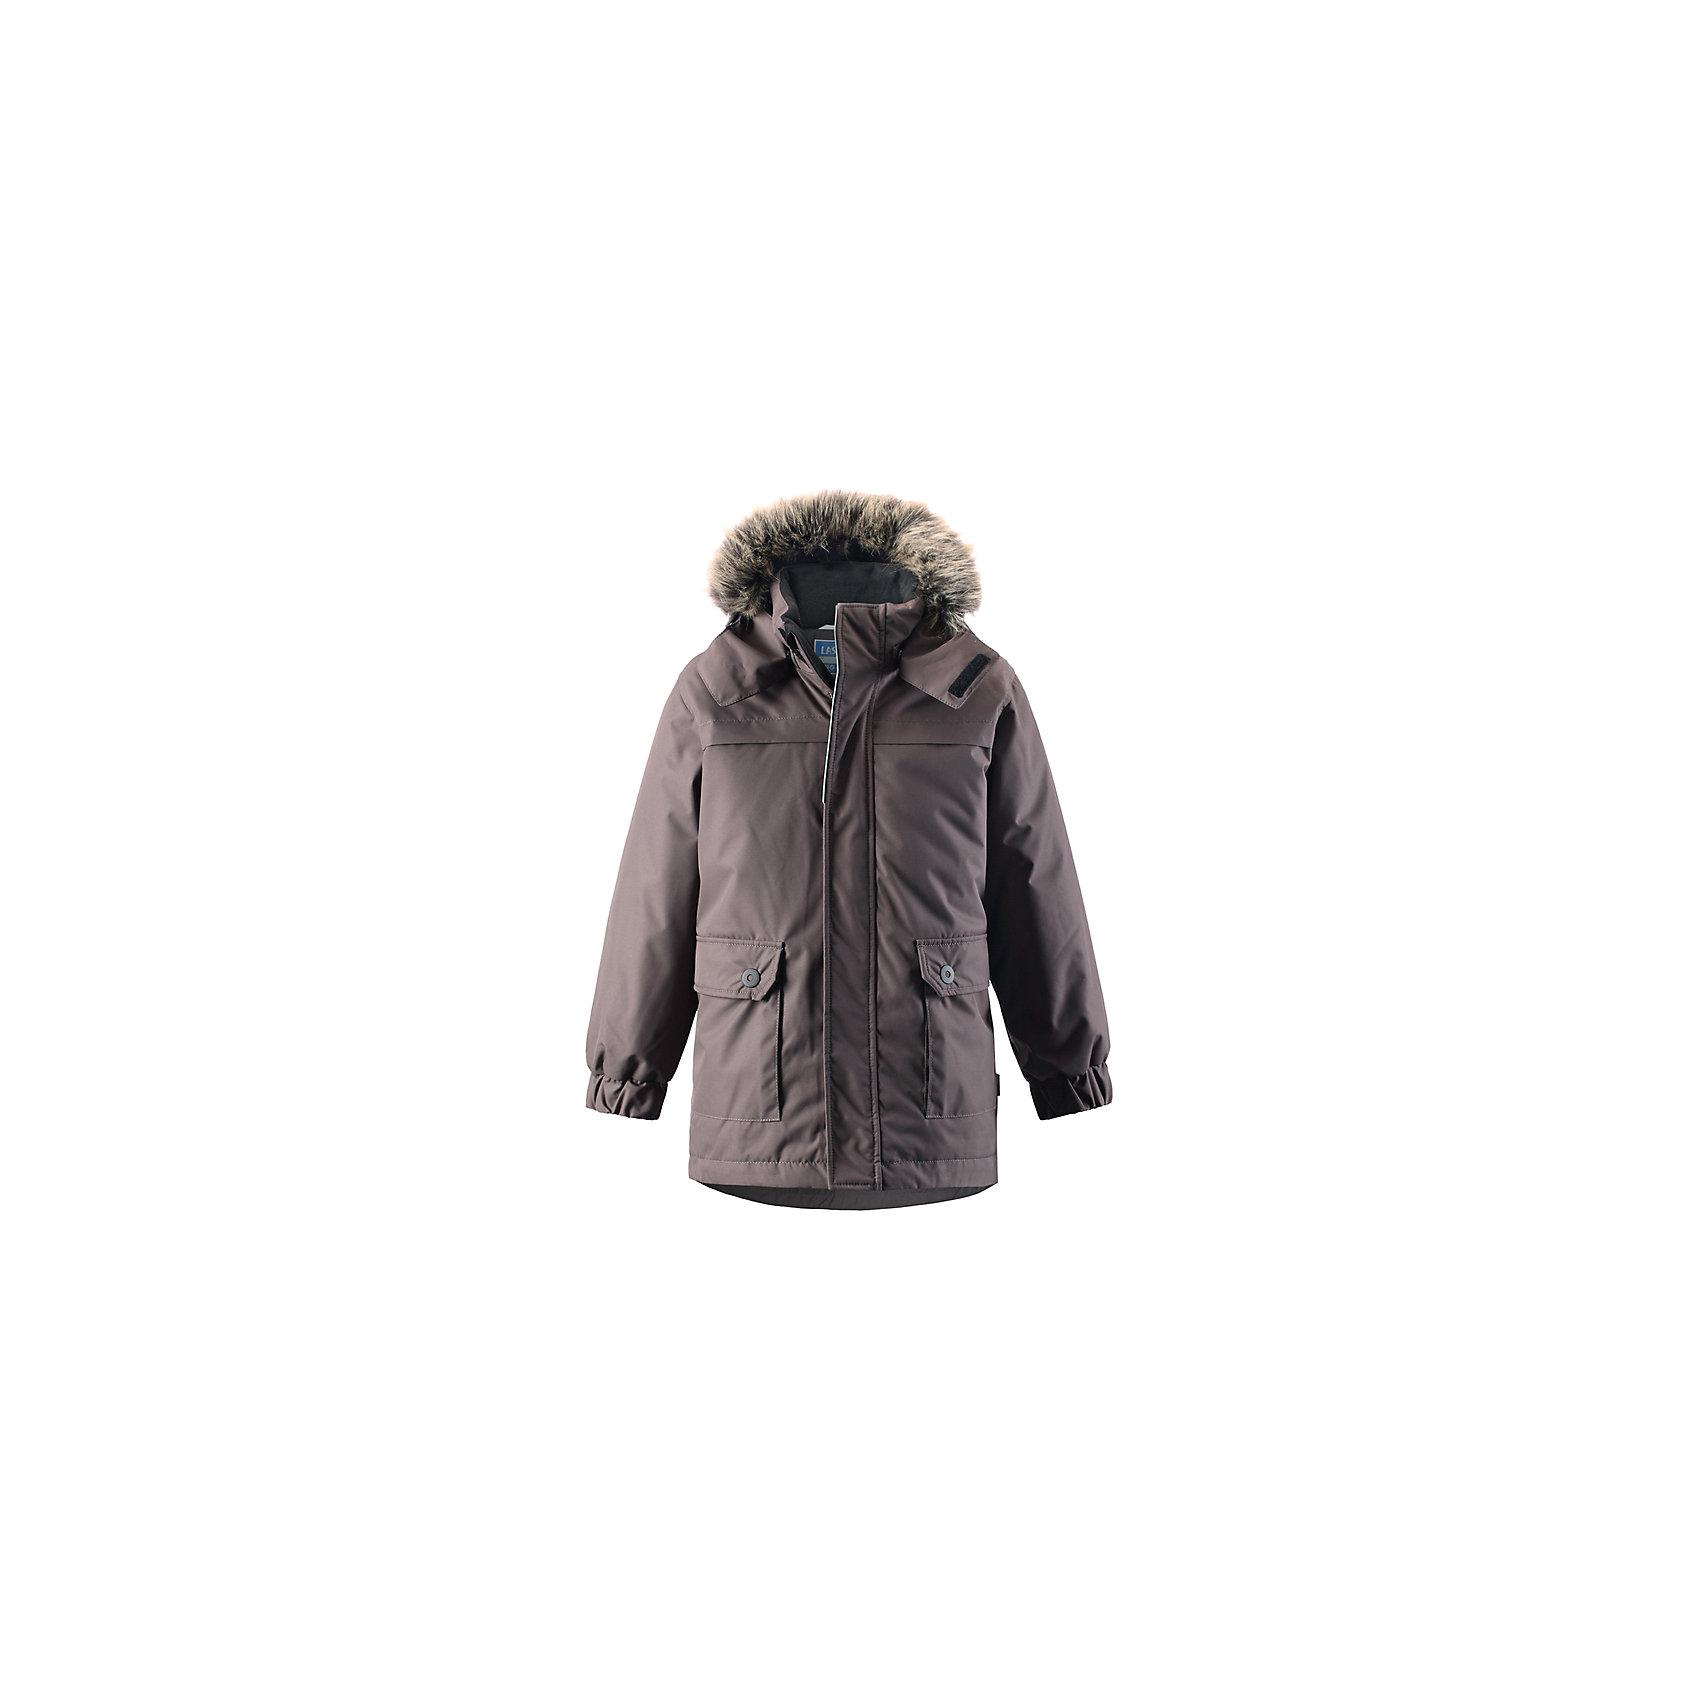 Куртка LASSIEЗимняя куртка для детей известной финской марки.<br><br>- Водоотталкивающий, ветронепроницаемый, «дышащий» и грязеотталкивающий материал.<br>- Крой для девочек.<br>- Гладкая подкладка из полиэстра.<br>- Средняя степень утепления<br>-  Безопасный съемный капюшон с отсоединяемой меховой каймой из искусственного меха. <br>- Эластичные манжеты. Регулируемый обхват талии.<br>-  Карманы с клапанами. <br><br> Рекомендации по уходу: Стирать по отдельности, вывернув наизнанку. Перед стиркой отстегните искусственный мех. Застегнуть молнии и липучки. Соблюдать температуру в соответствии с руководством по уходу. Стирать моющим средством, не содержащим отбеливающие вещества. Полоскать без специального средства. Сушение в сушильном шкафу разрешено при  низкой температуре.<br><br>Состав: 100% Полиамид, полиуретановое покрытие.  Утеплитель «Lassie wadding» 180гр.<br><br>Ширина мм: 356<br>Глубина мм: 10<br>Высота мм: 245<br>Вес г: 519<br>Цвет: темно-коричневый<br>Возраст от месяцев: 24<br>Возраст до месяцев: 36<br>Пол: Унисекс<br>Возраст: Детский<br>Размер: 98,140,92,104,110,116,122,128,134<br>SKU: 4782358